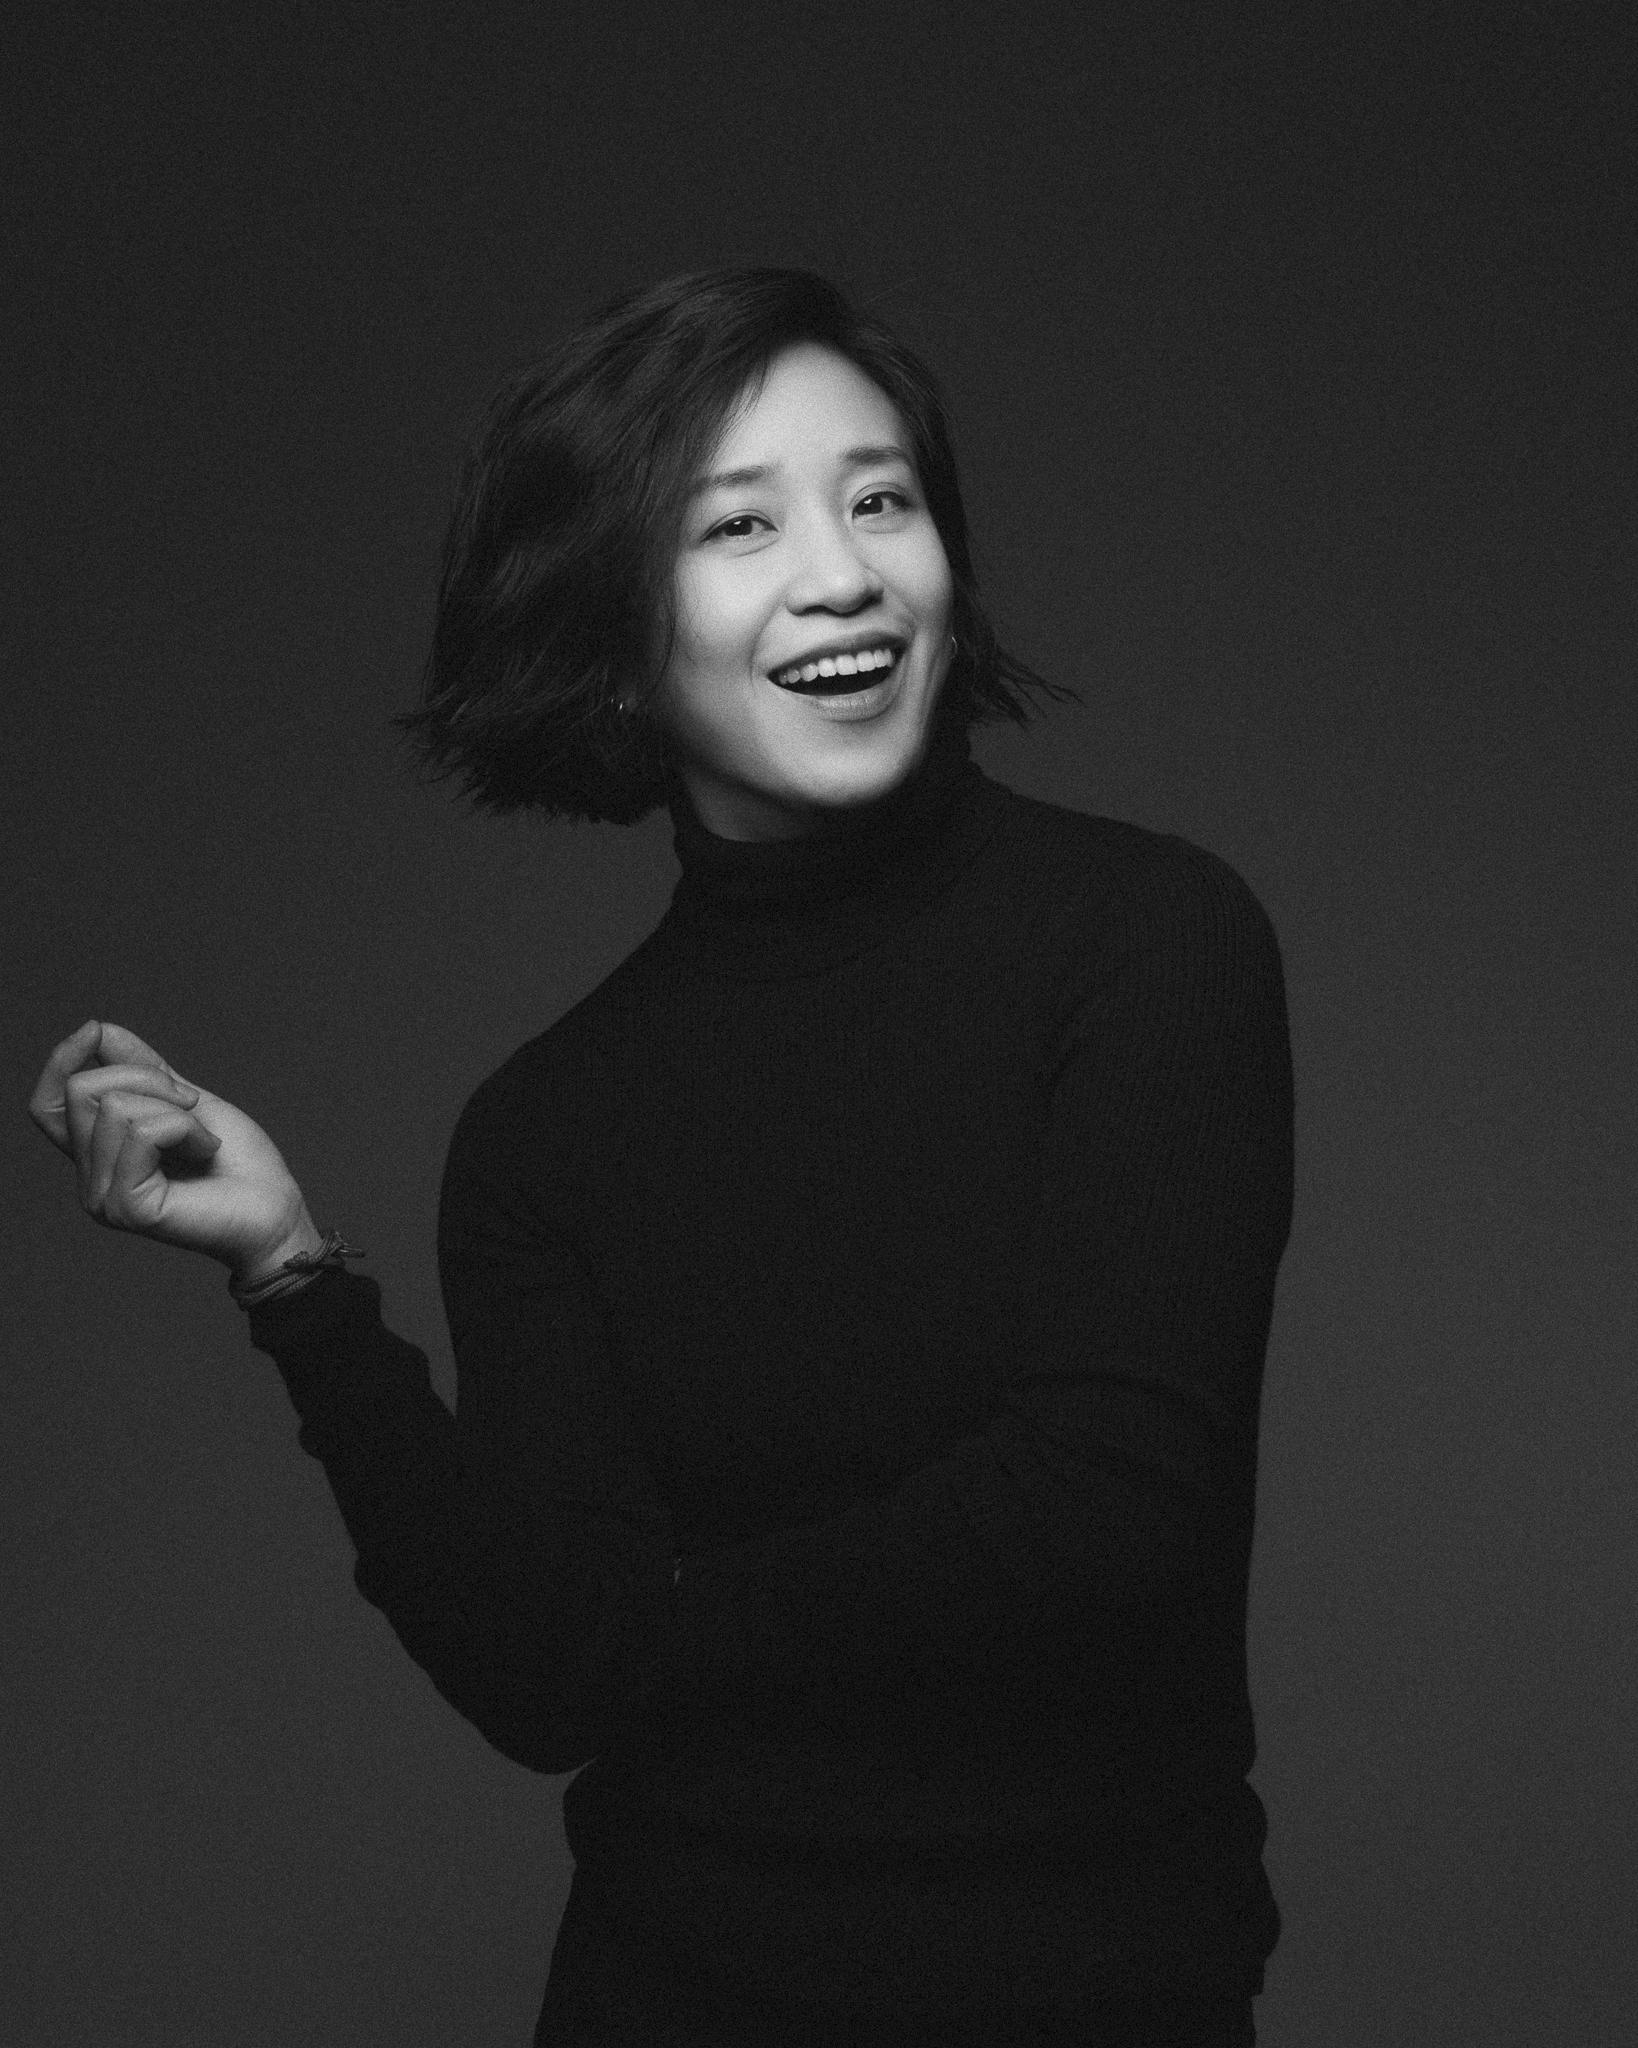 黃海欣 Hai-Hsin Huang